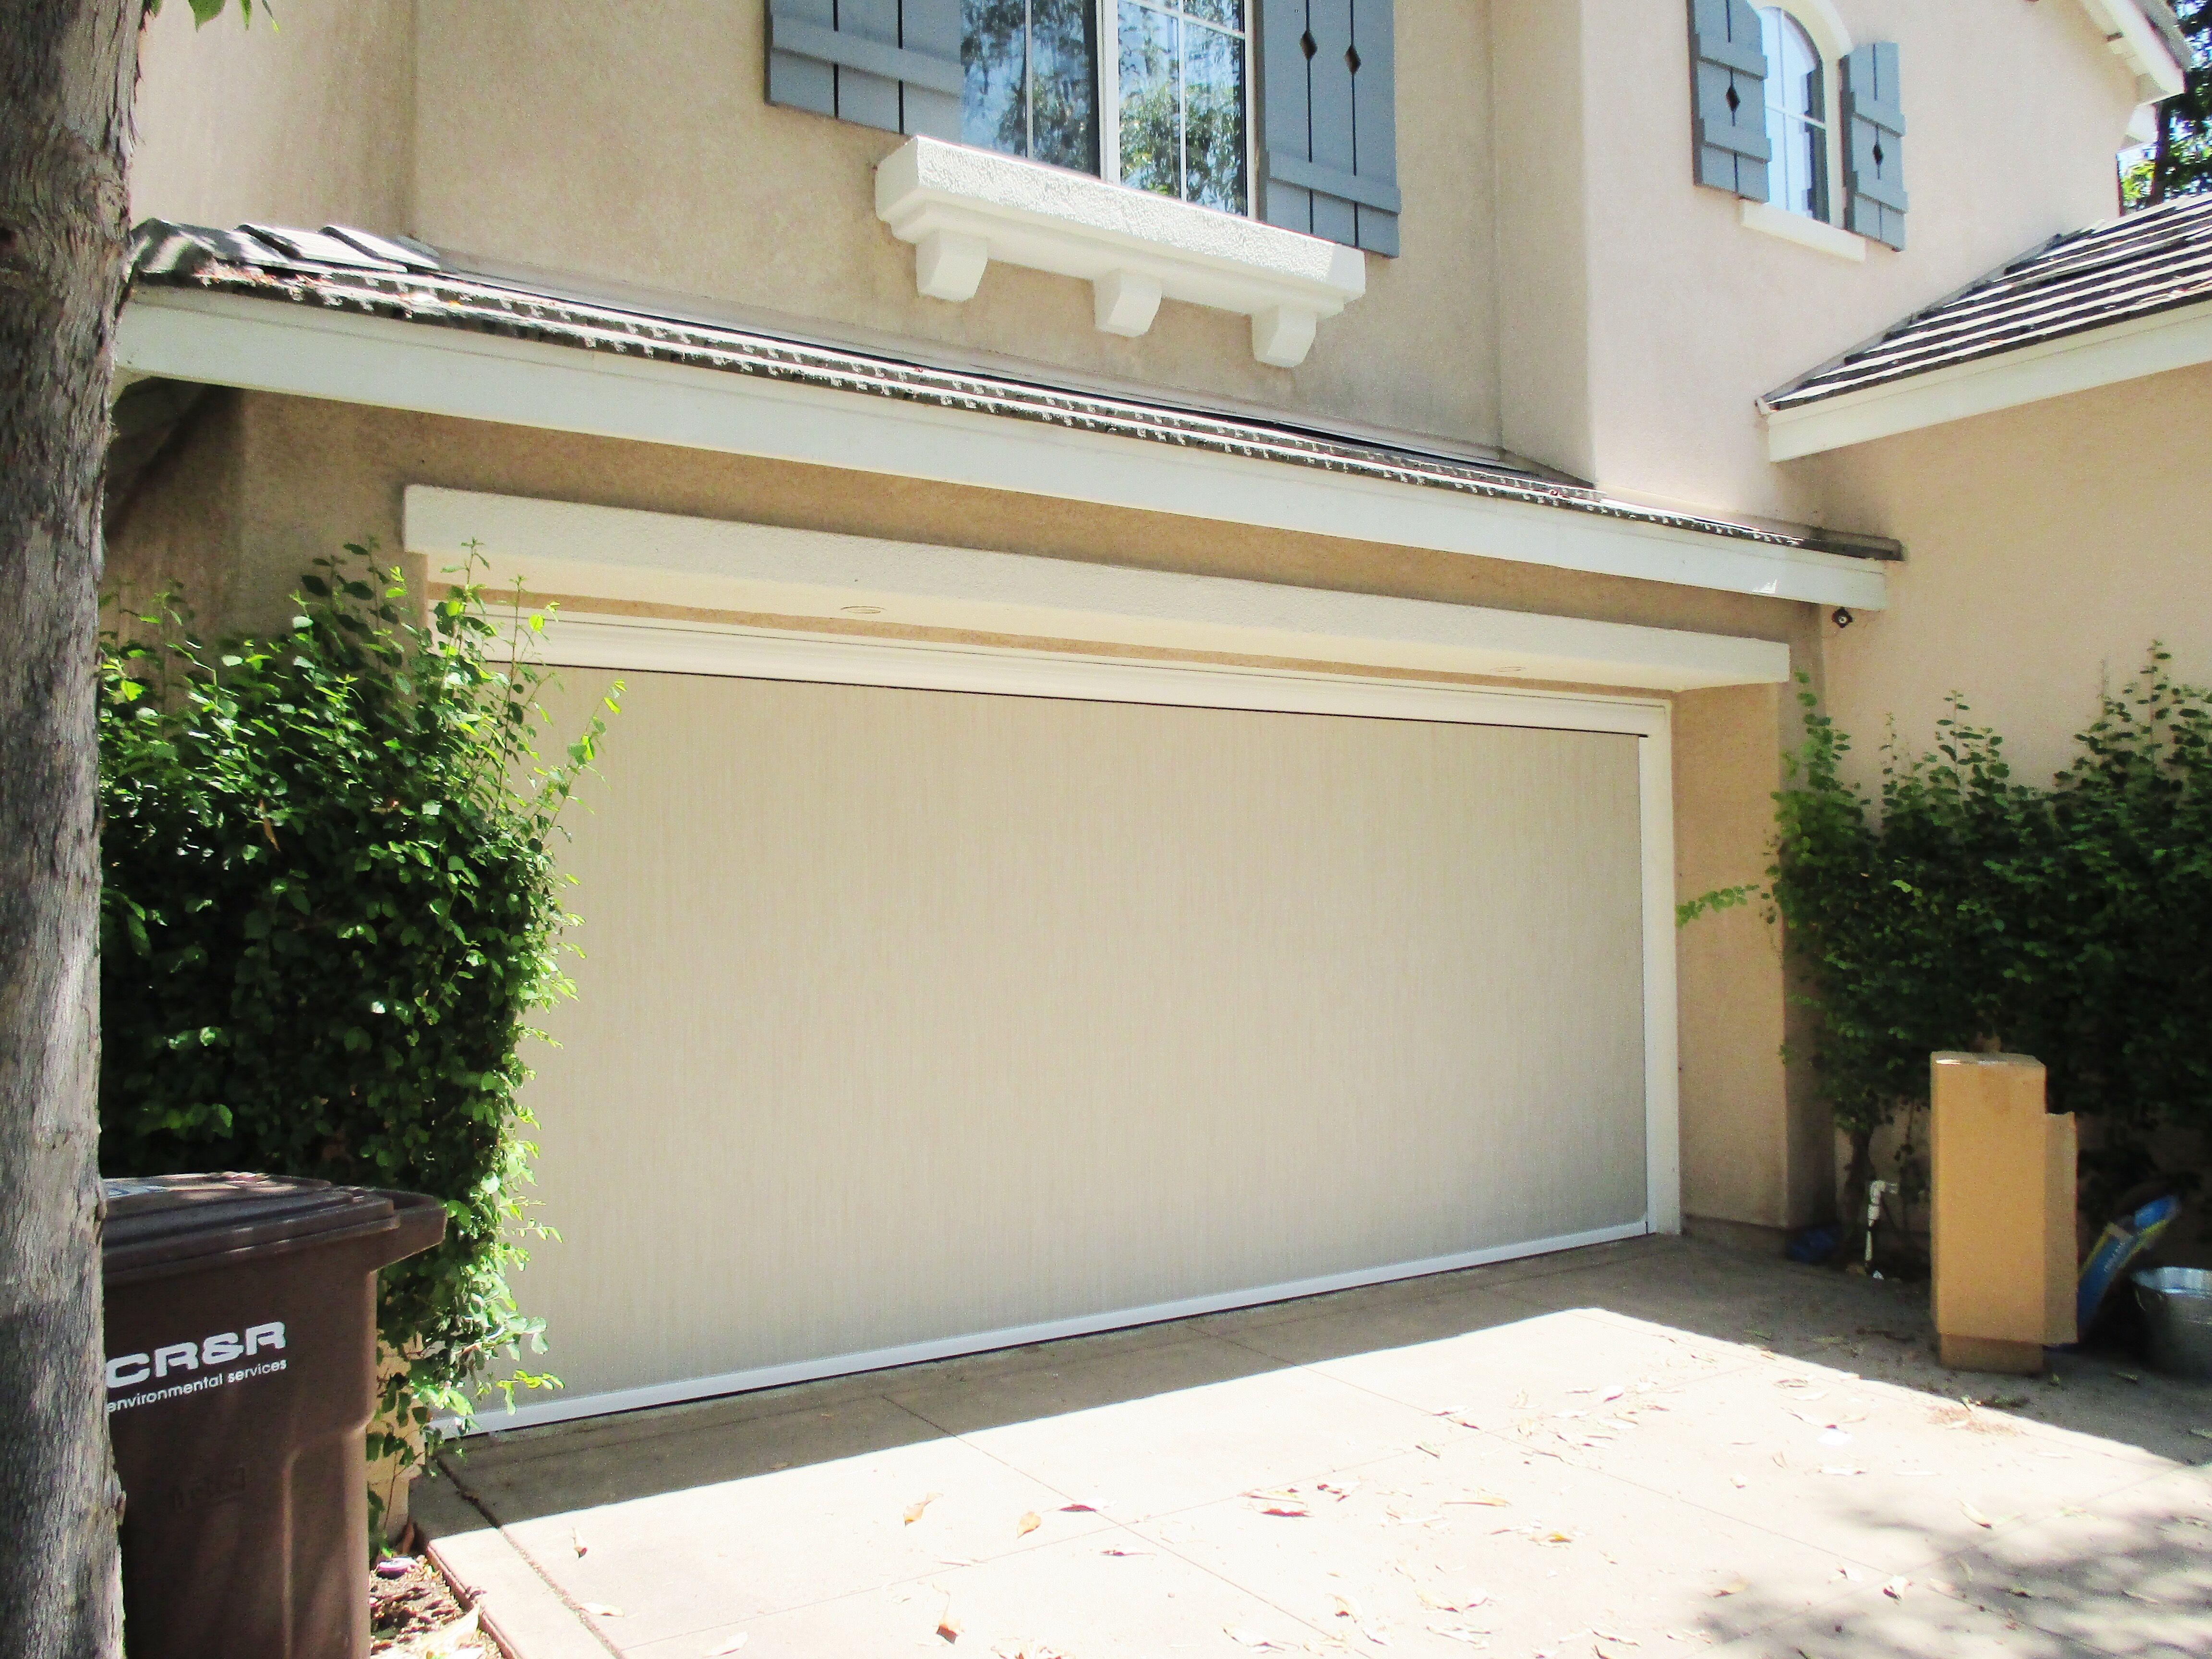 screen retractable ppi home blog garage on motorized door